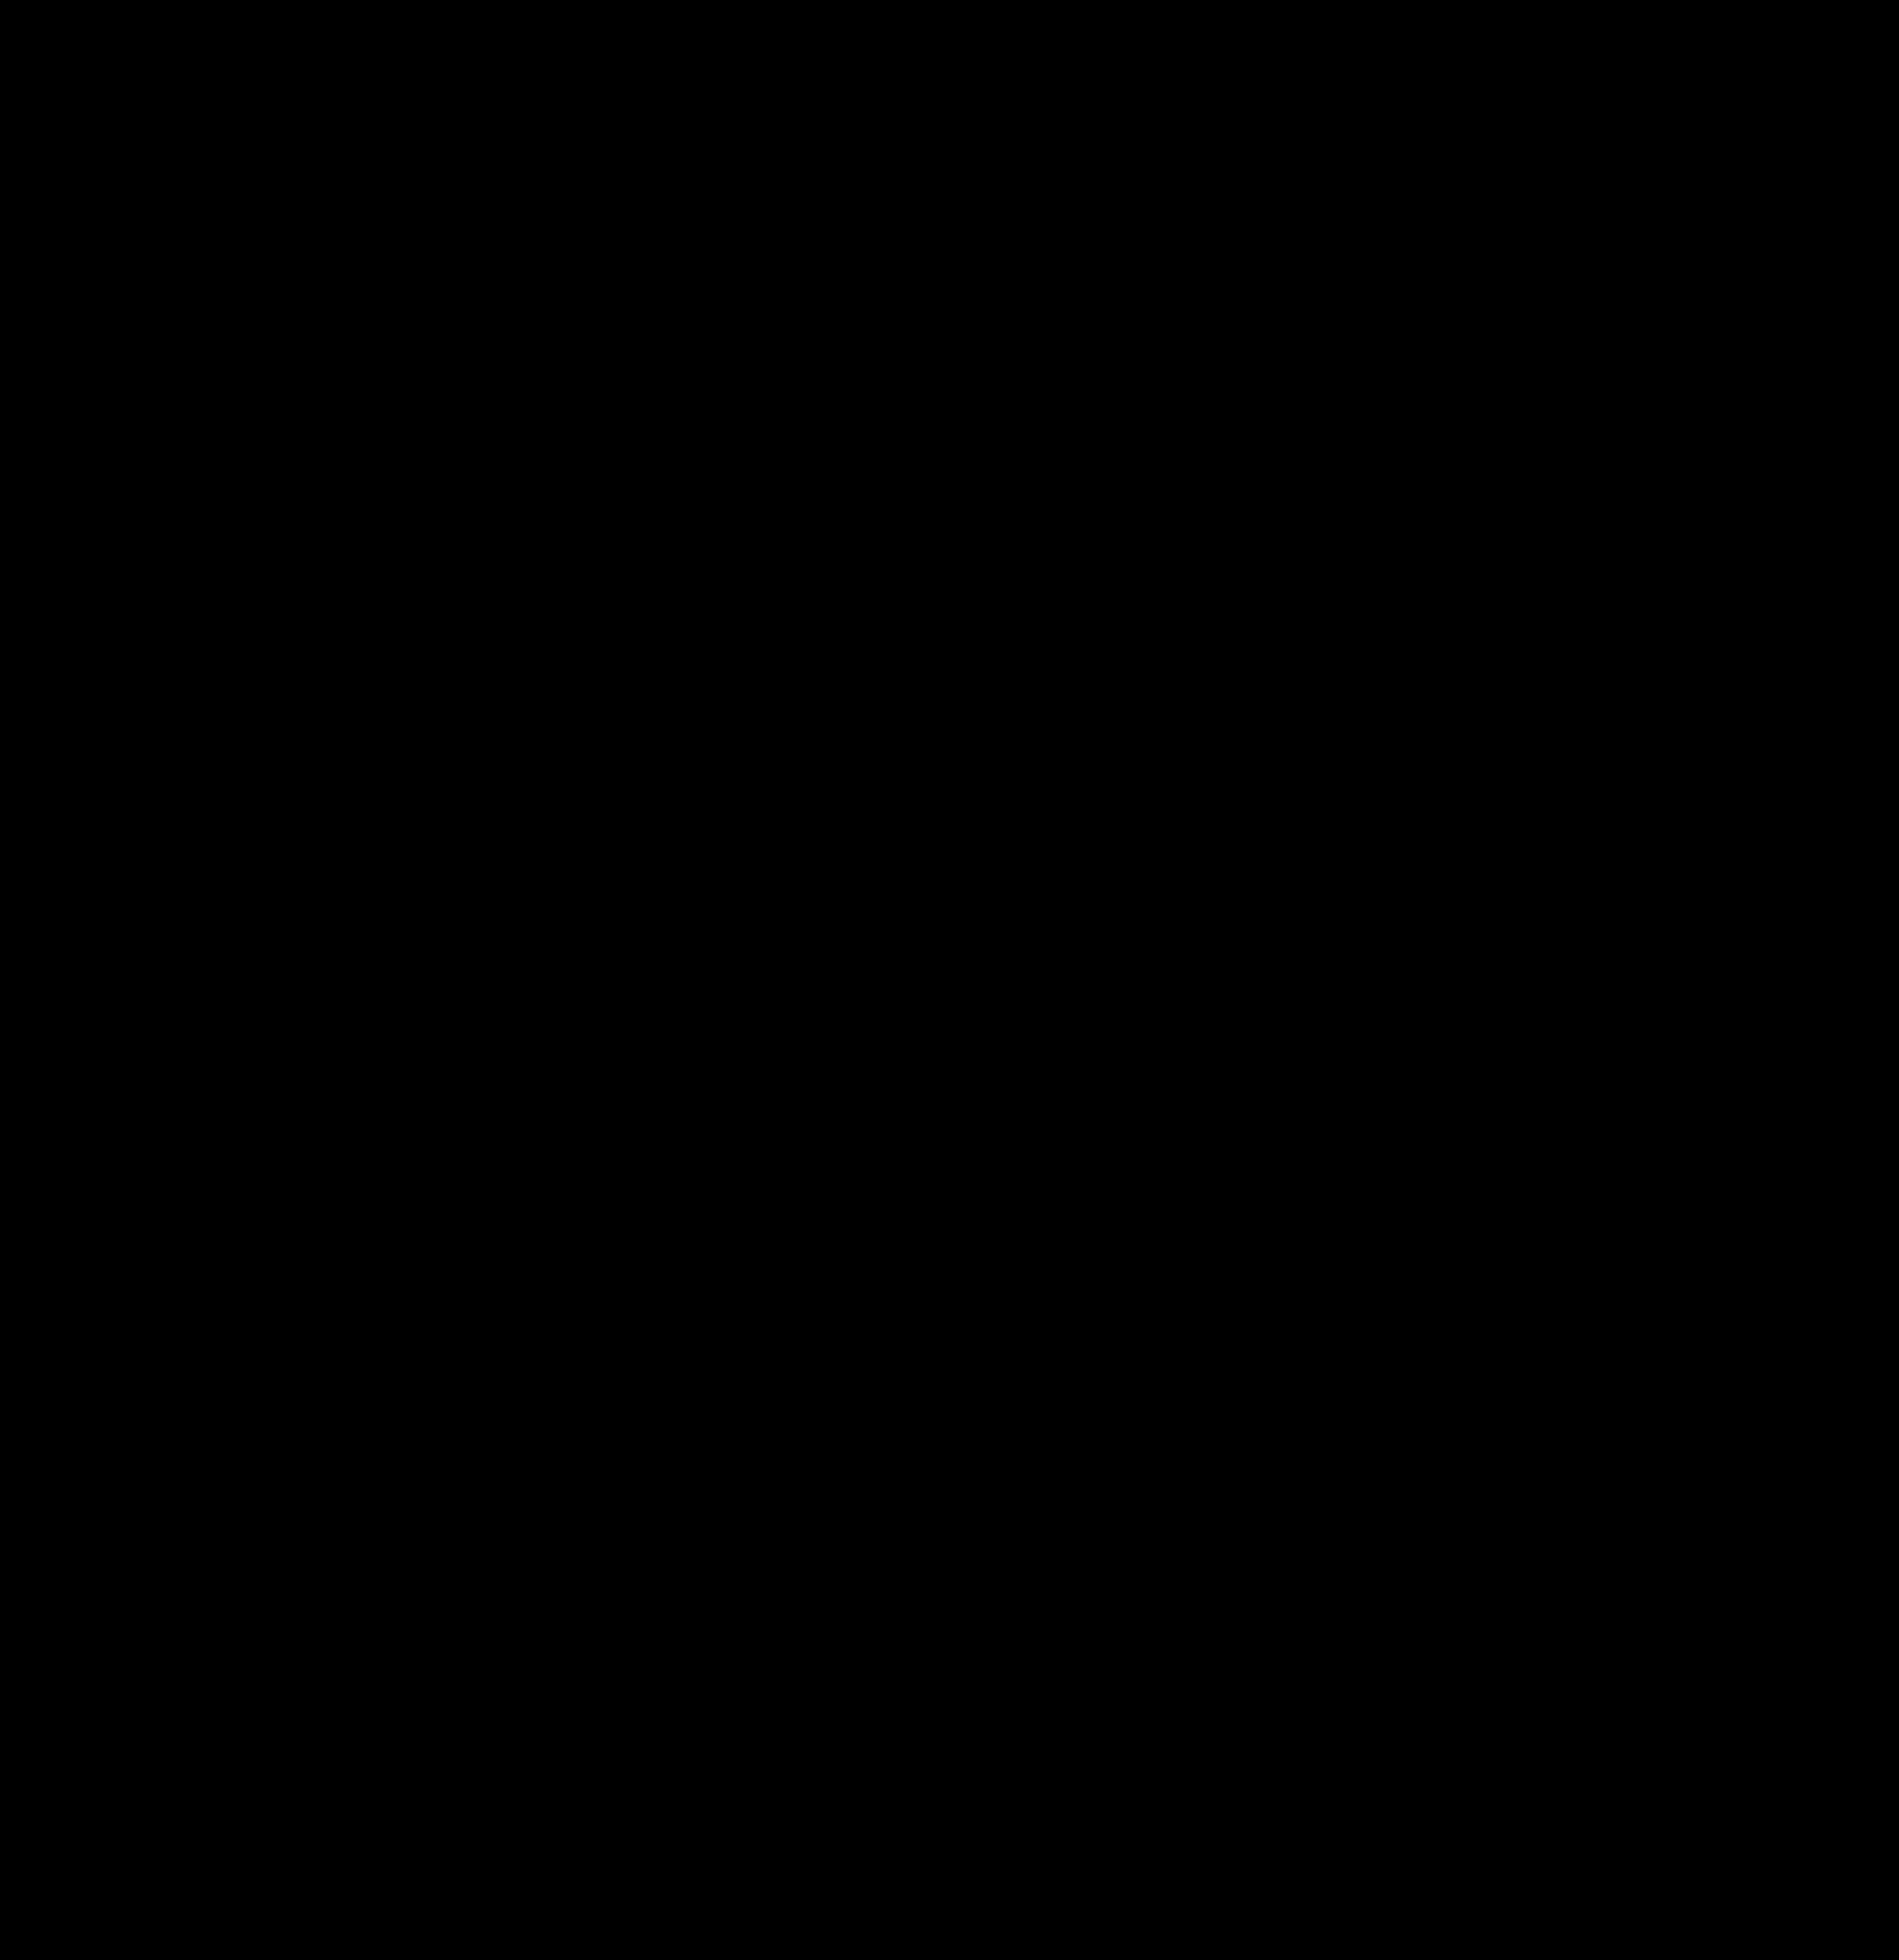 Inktober 2020 Mega-Scribble